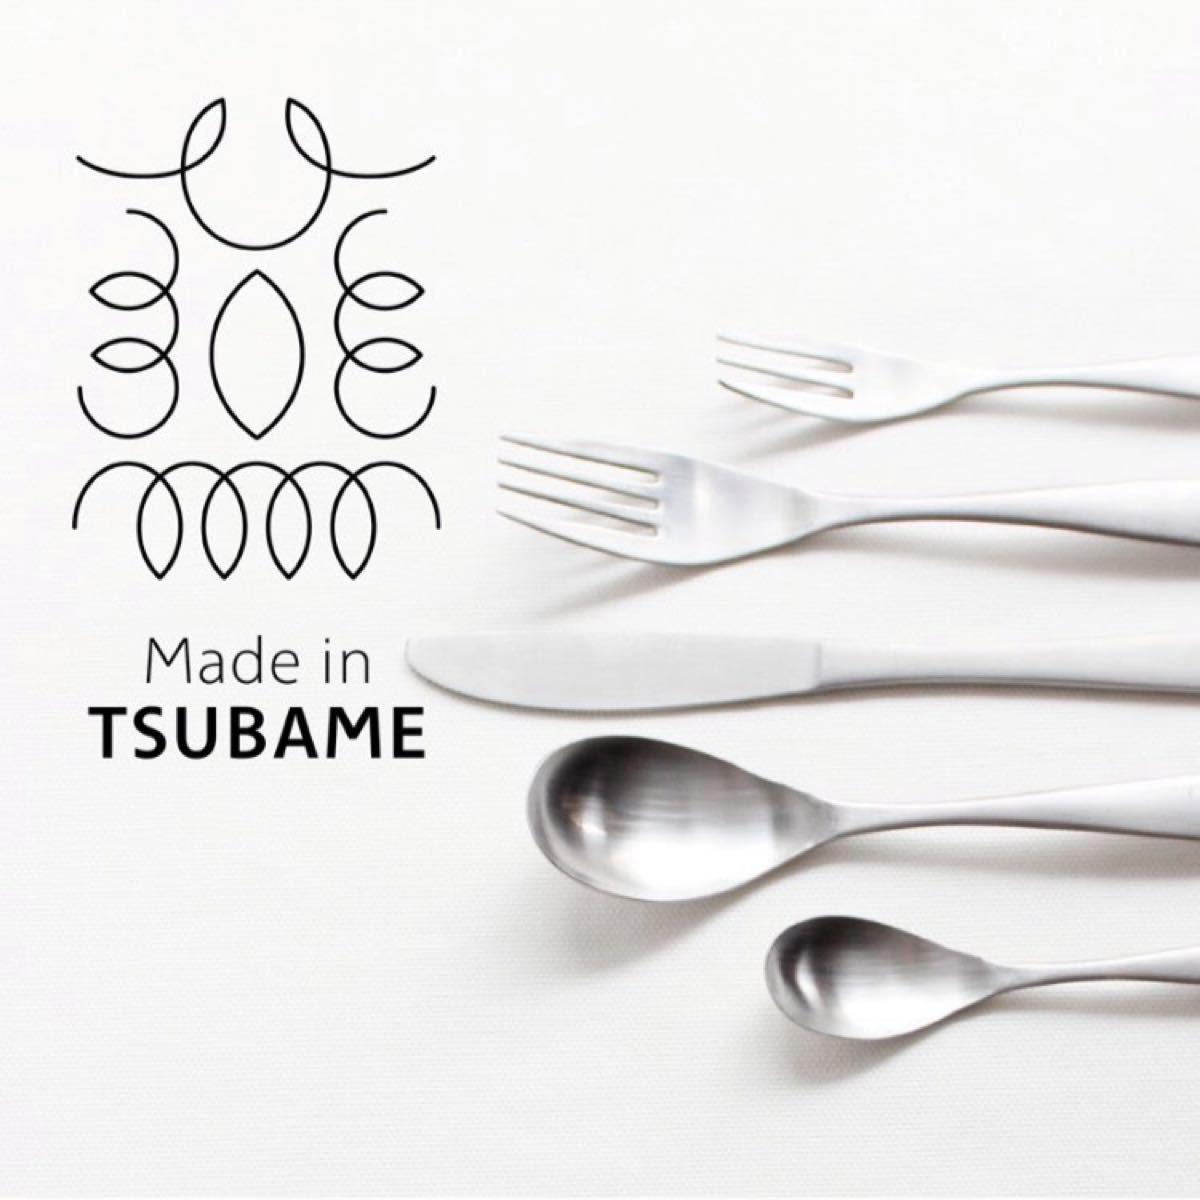 ツバメカトラリー ピーラー&おろし金 2点セット 新品未使用 made in tsubame 燕